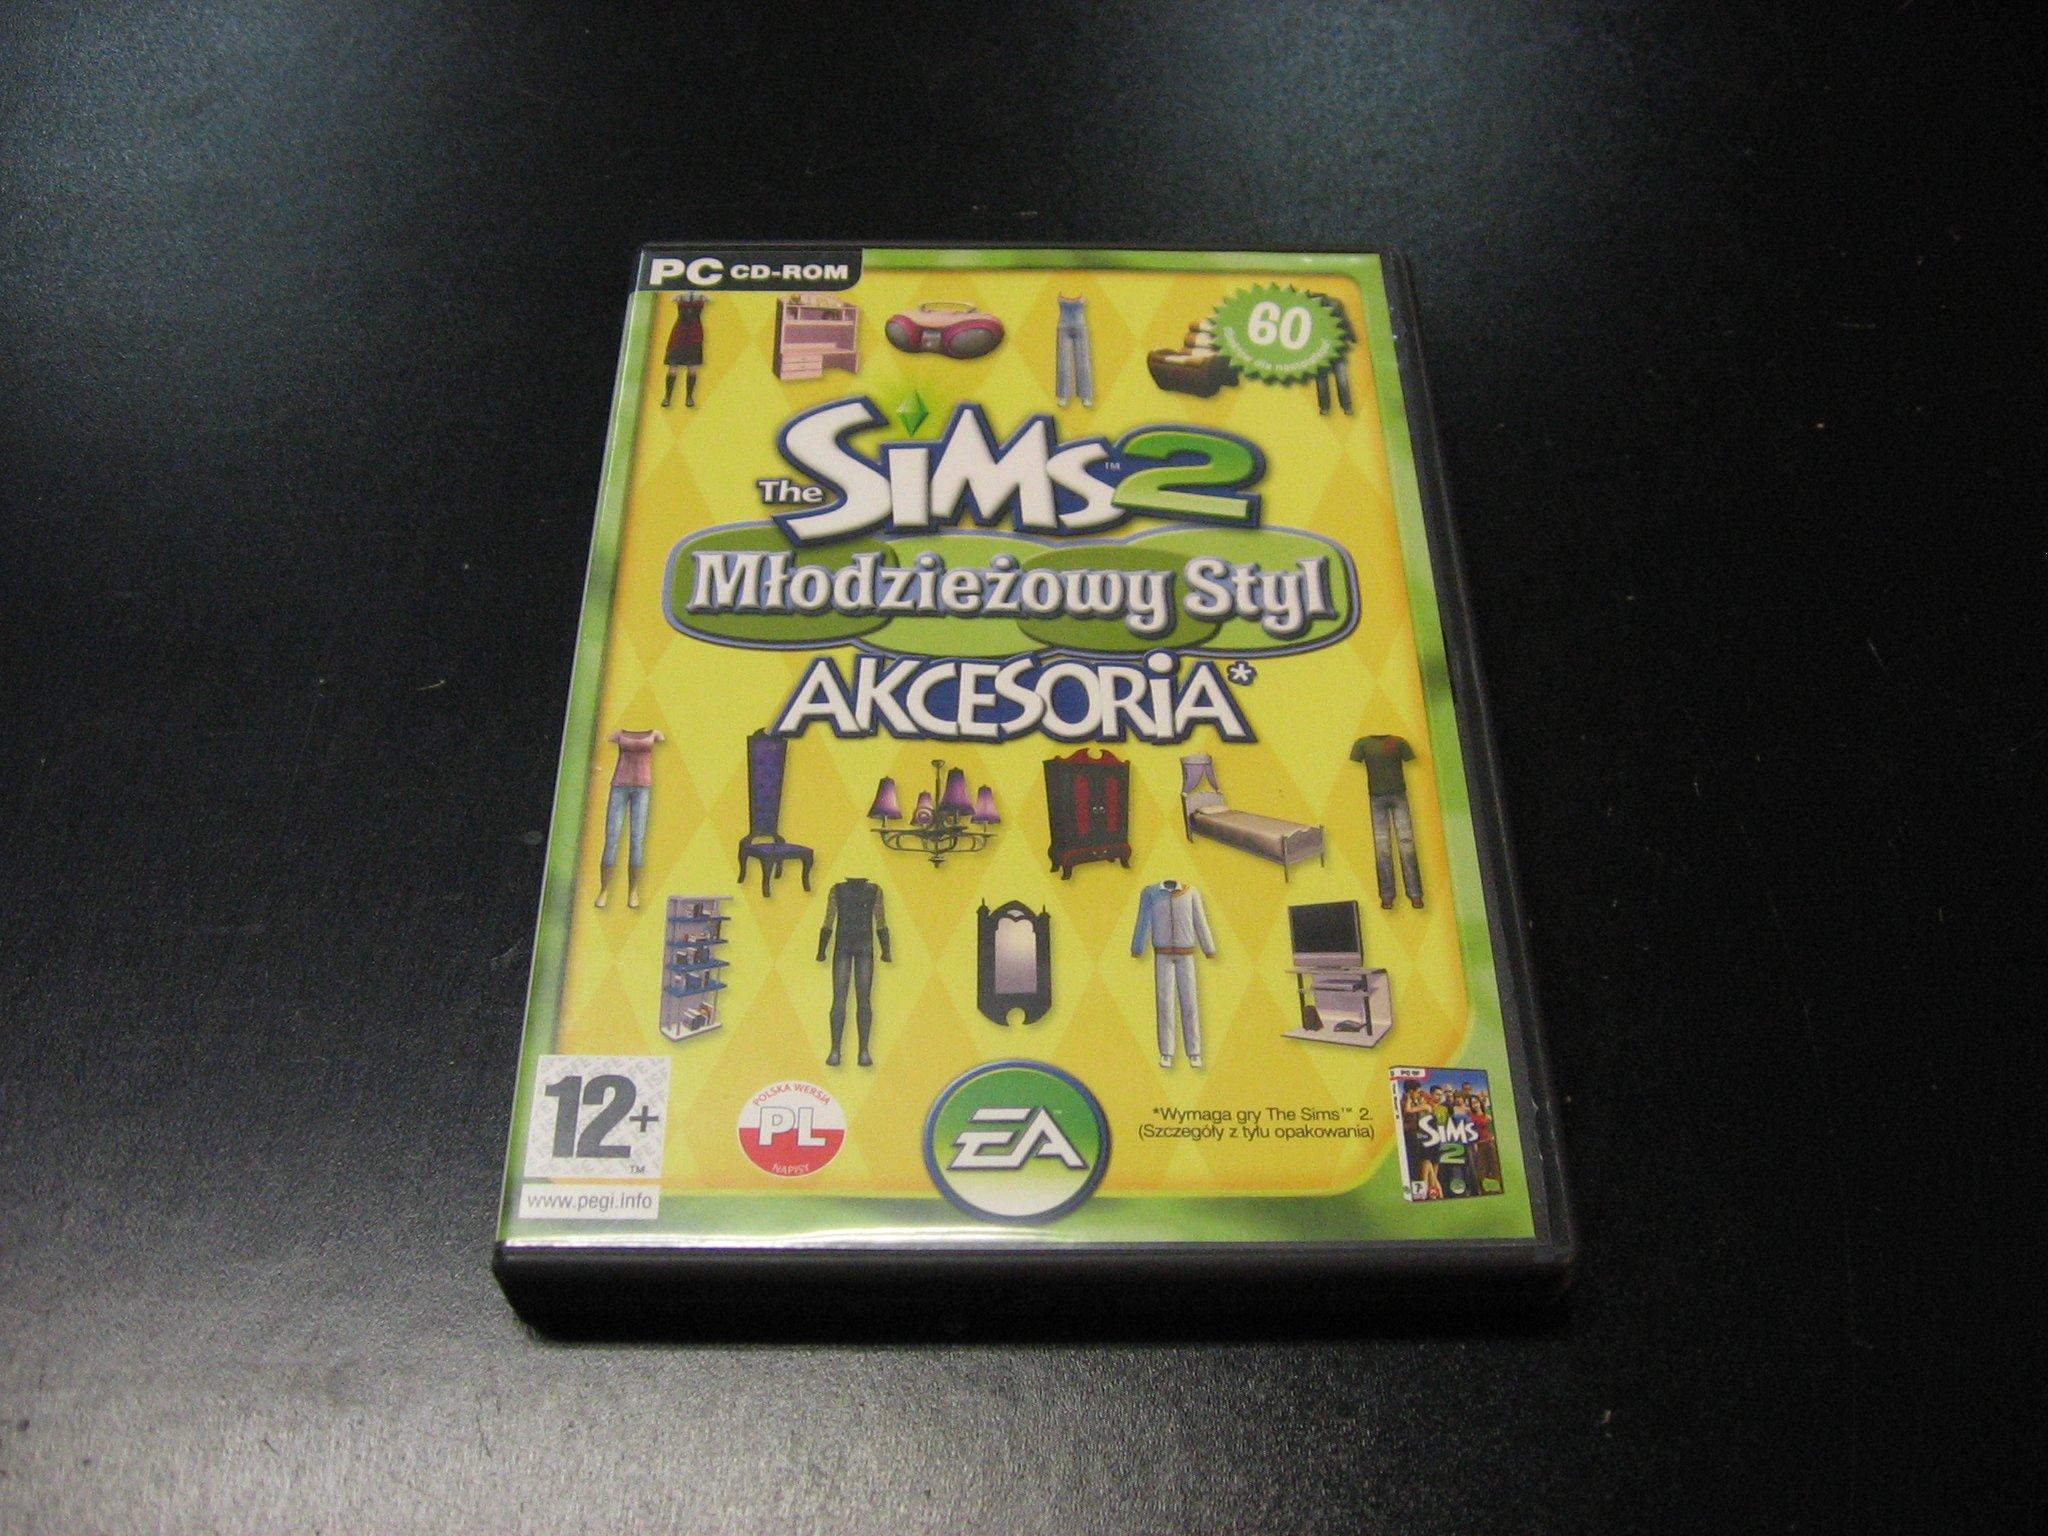 The Sims 2 Młodzieżowy Styl akcesoria PL - GRA PC Sklep